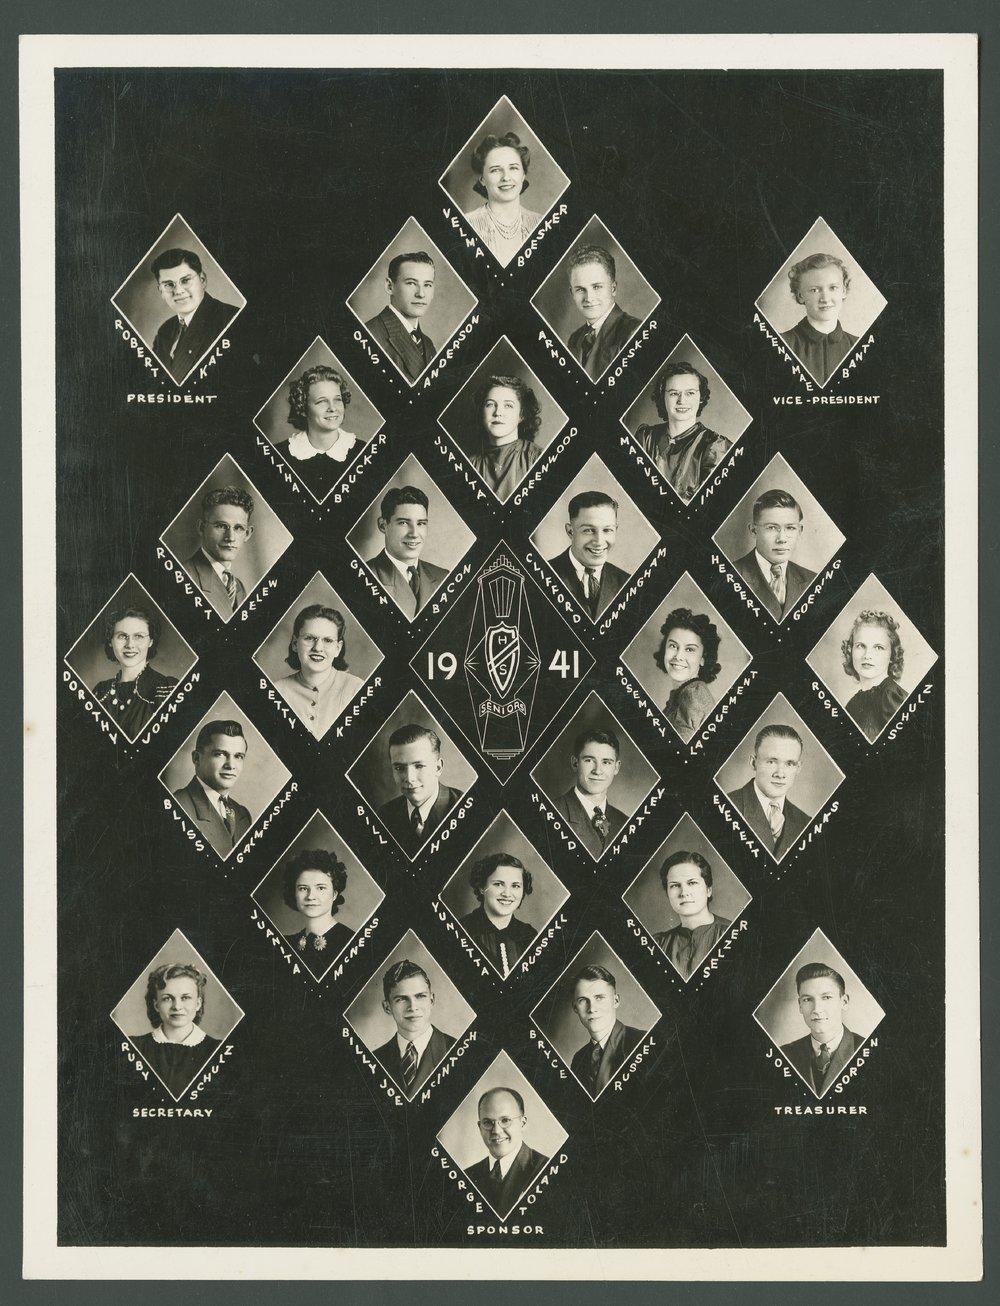 1941 Canton High School senior class in Canton, Kansas